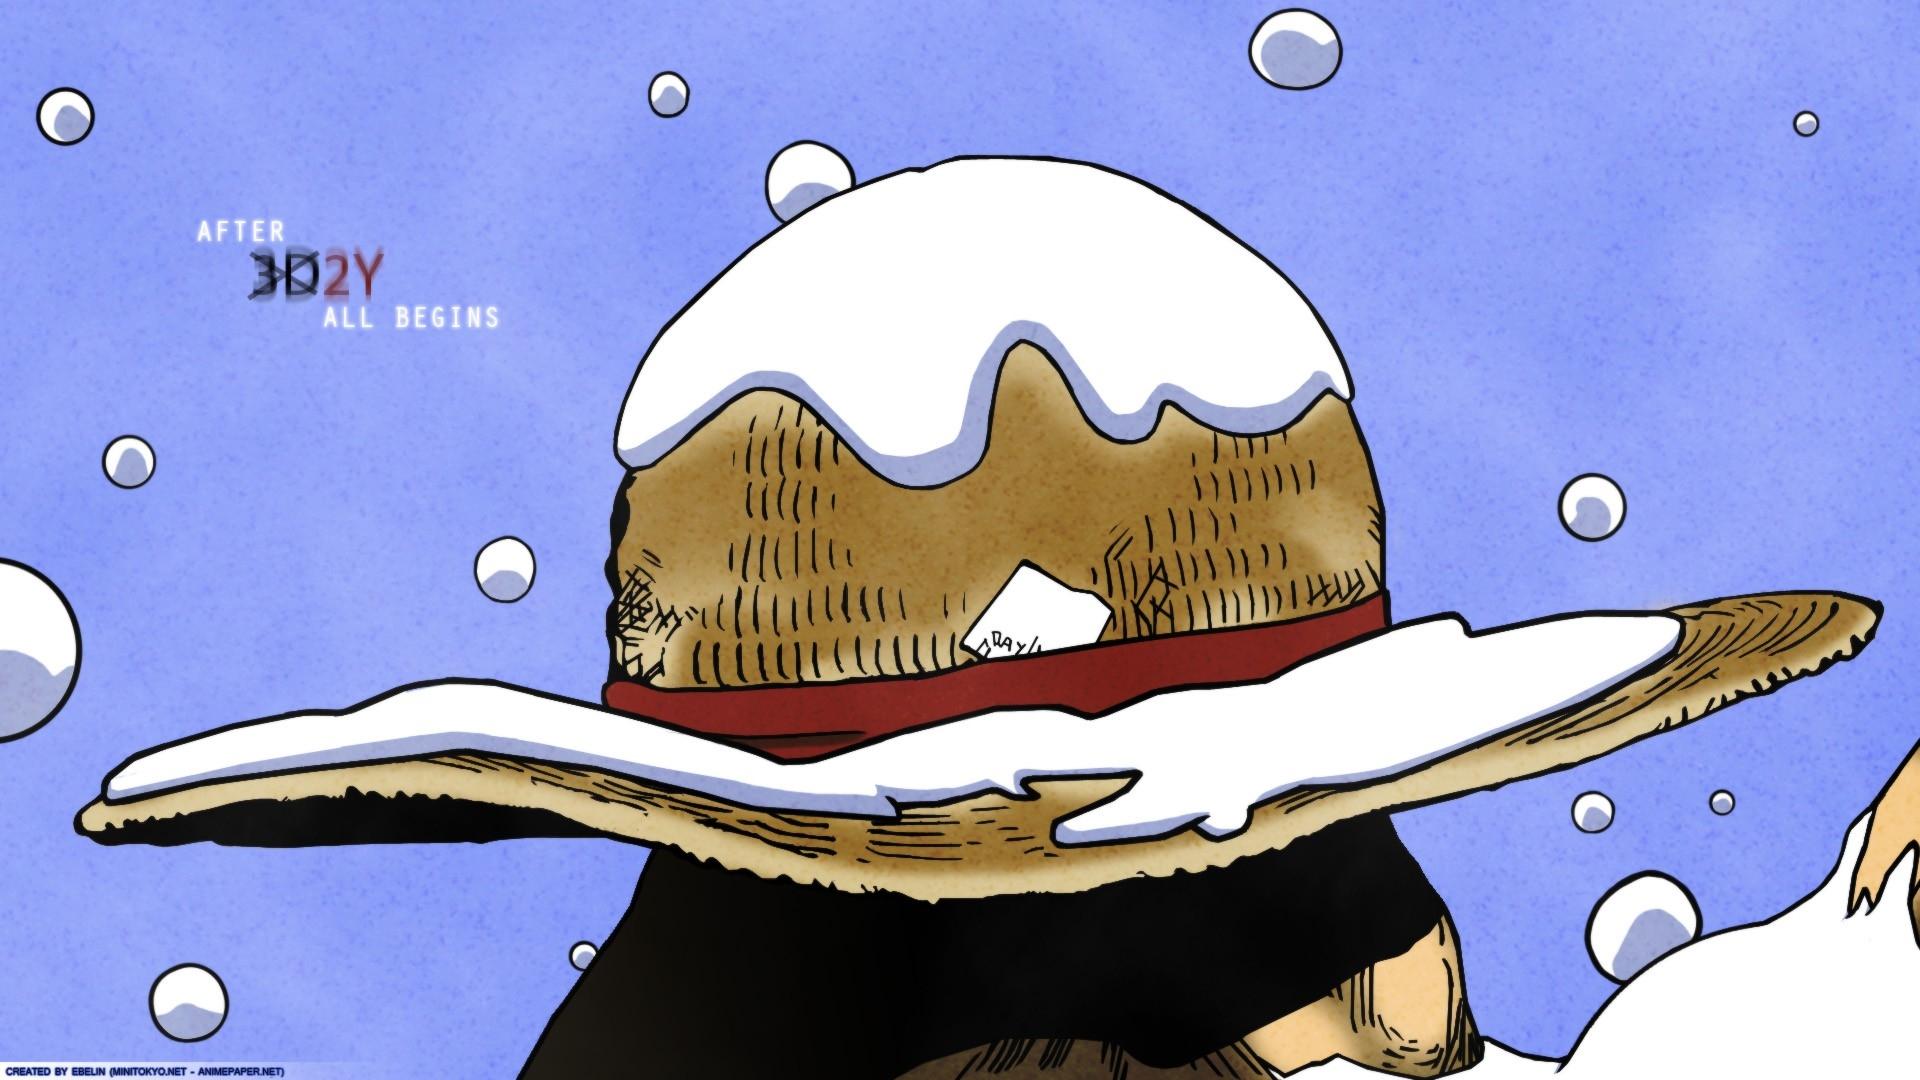 One Piece Wallpaper Straw Hat - HD Wallpaper